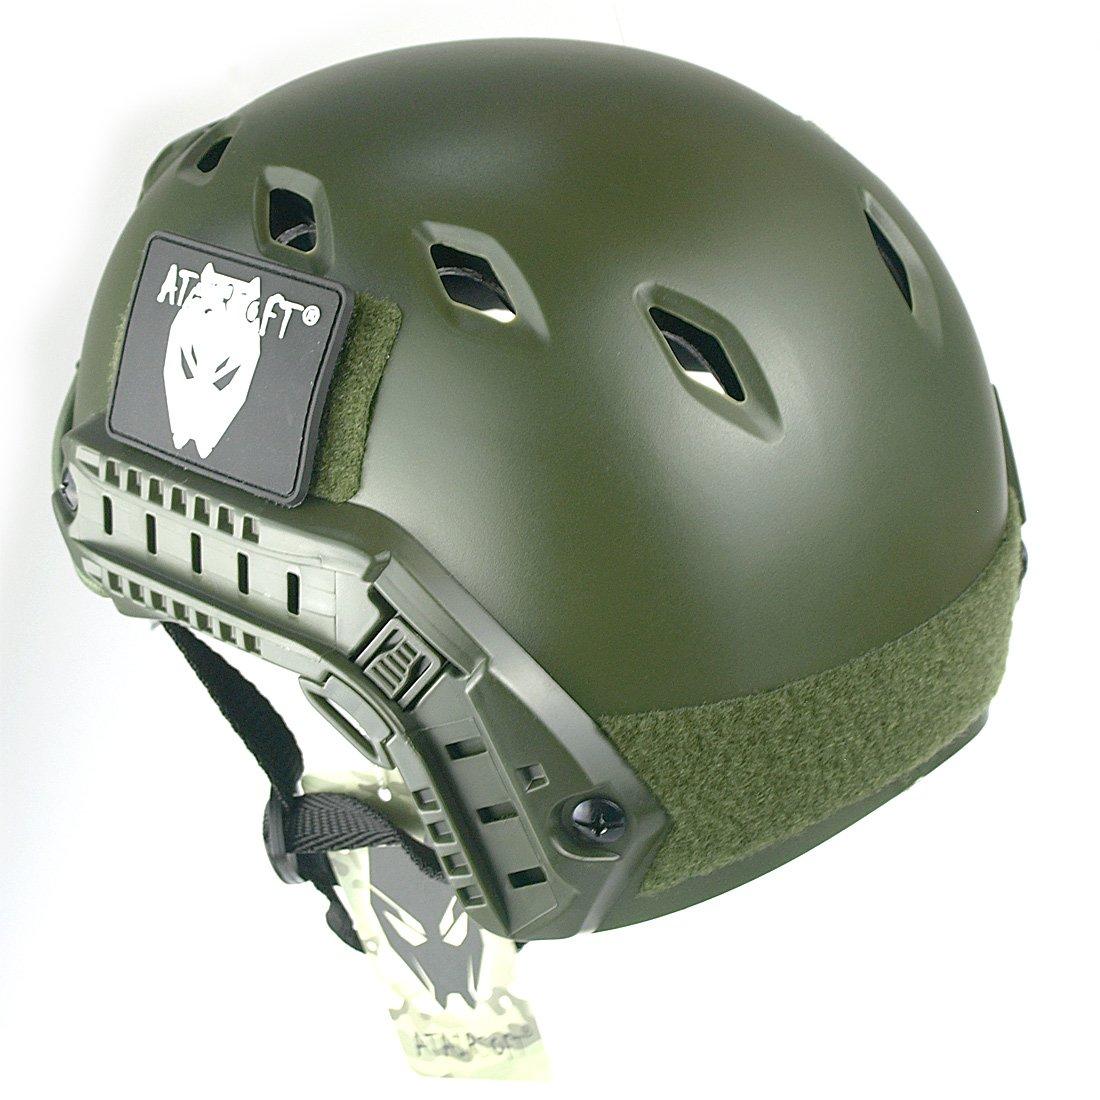 ATAIRSOFT Tactique SWAT style militaire de larm/ée de Casque Combat rapide BJ Base Jump avec lunettes de protection OD vert pour CQB Tir Airsoft Paintball